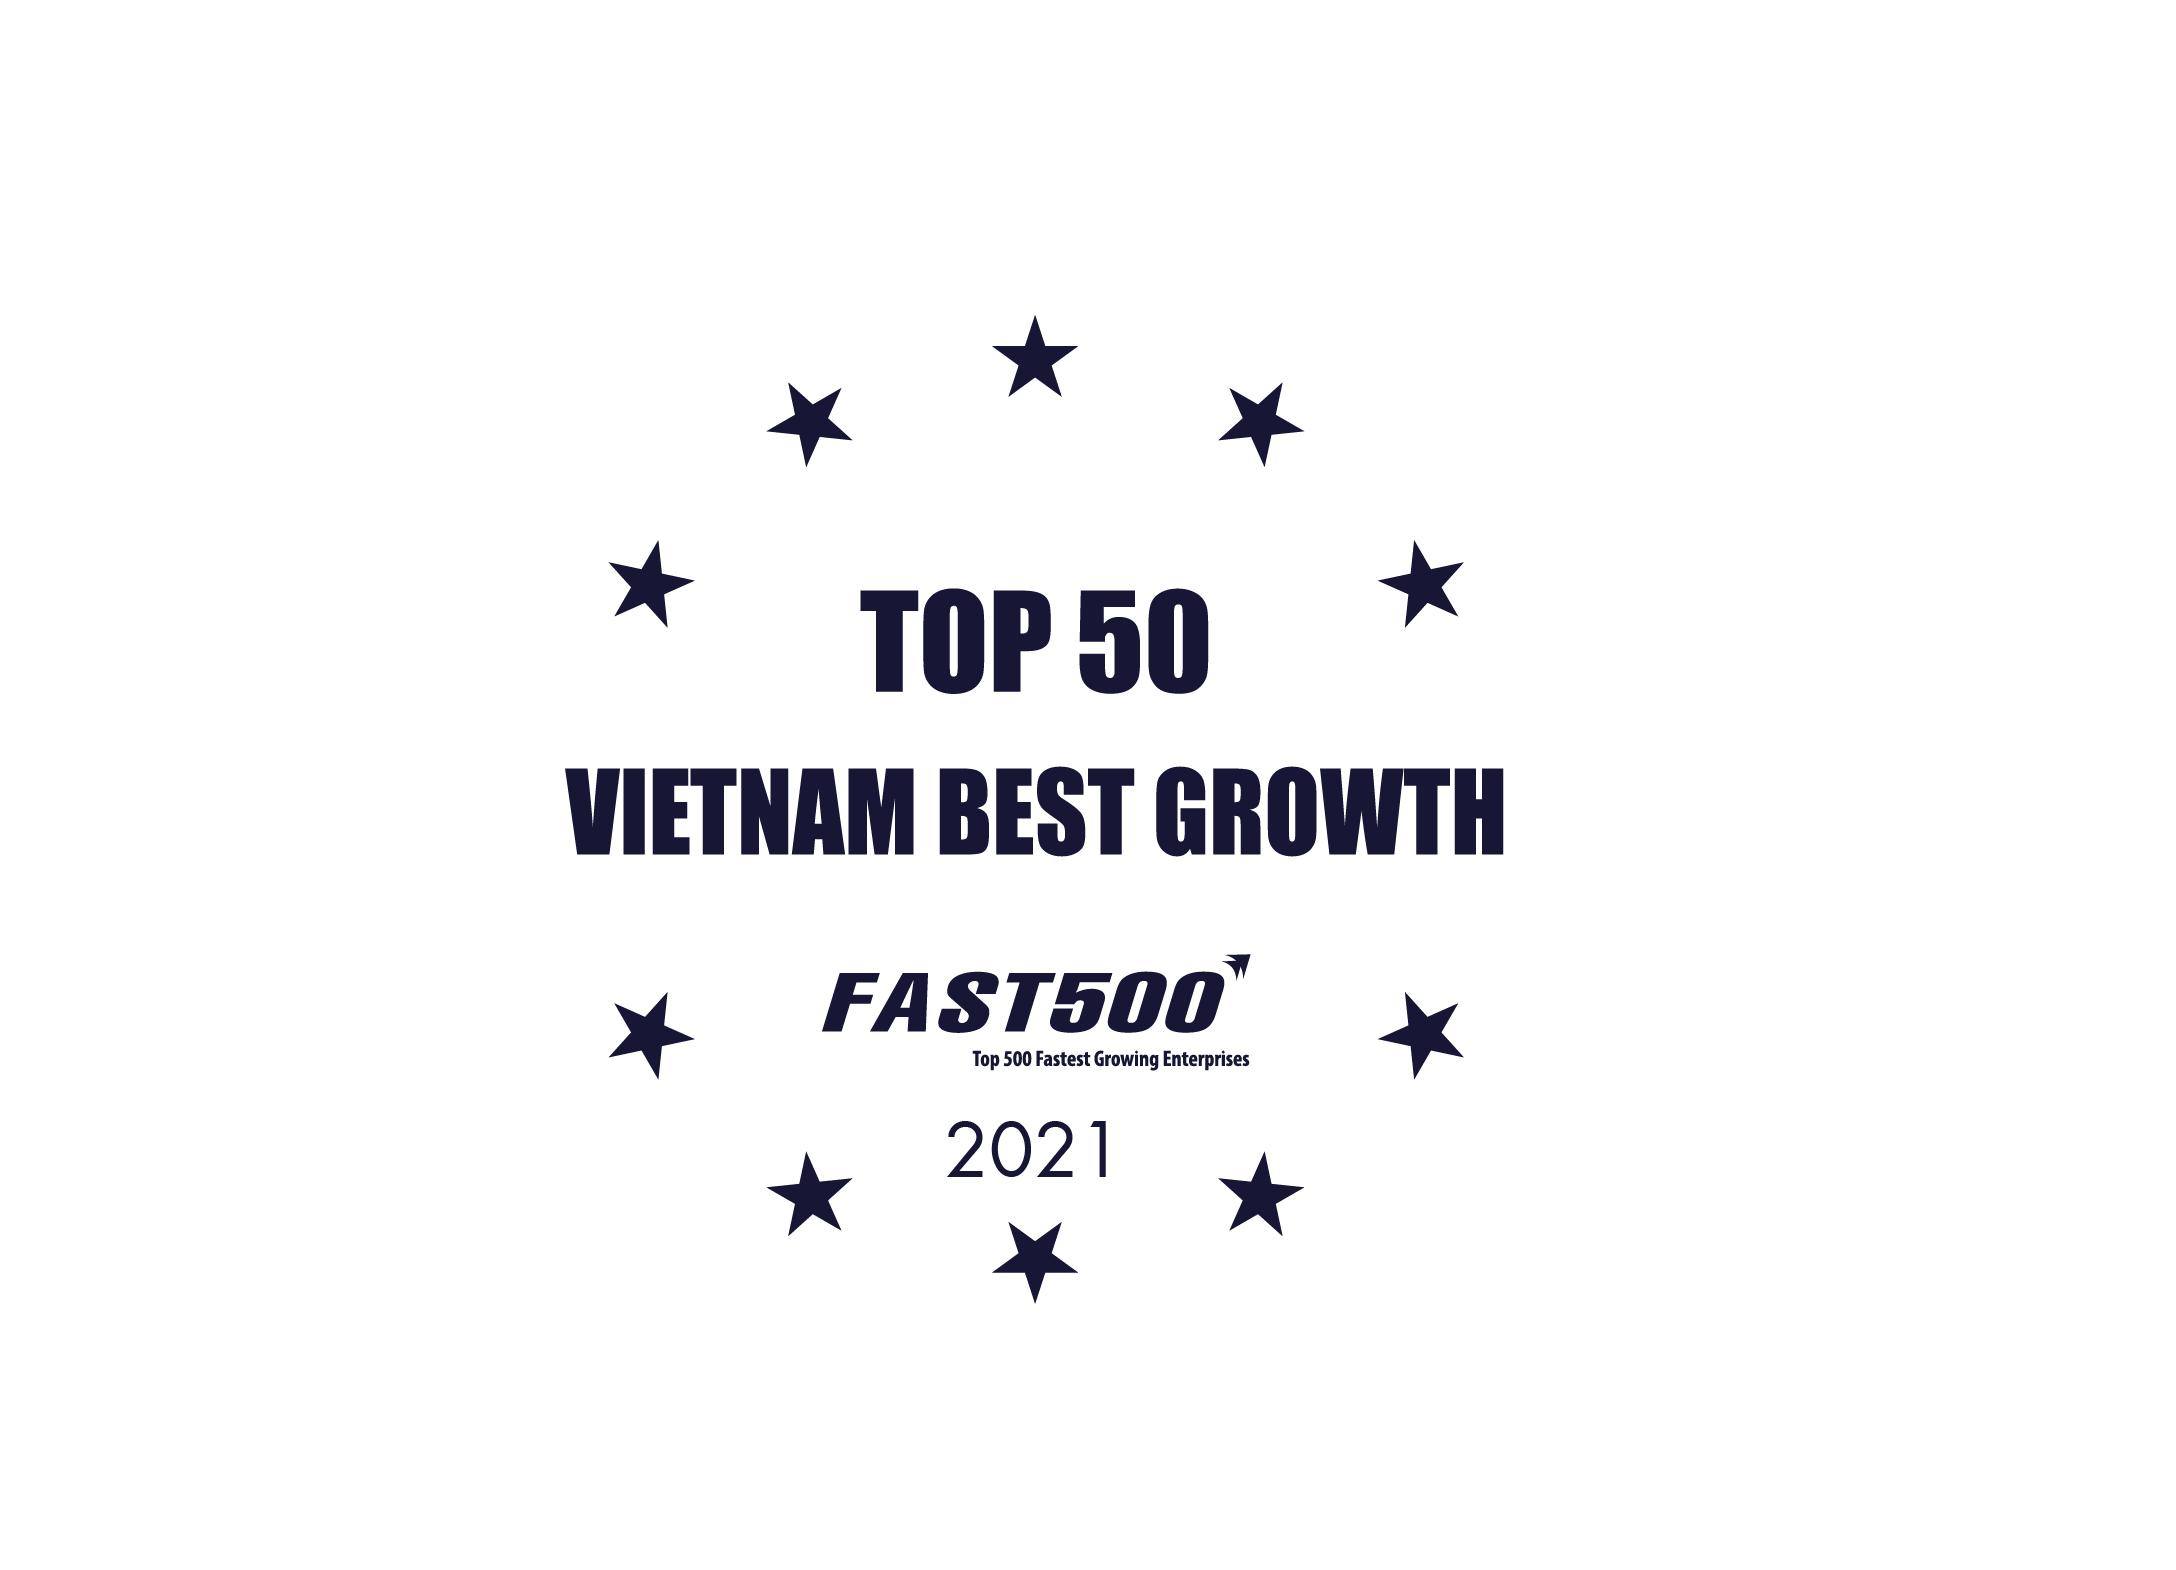 Top 50 doanh nghiệp tăng trưởng xuất sắc nhất Việt Nam năm 2021